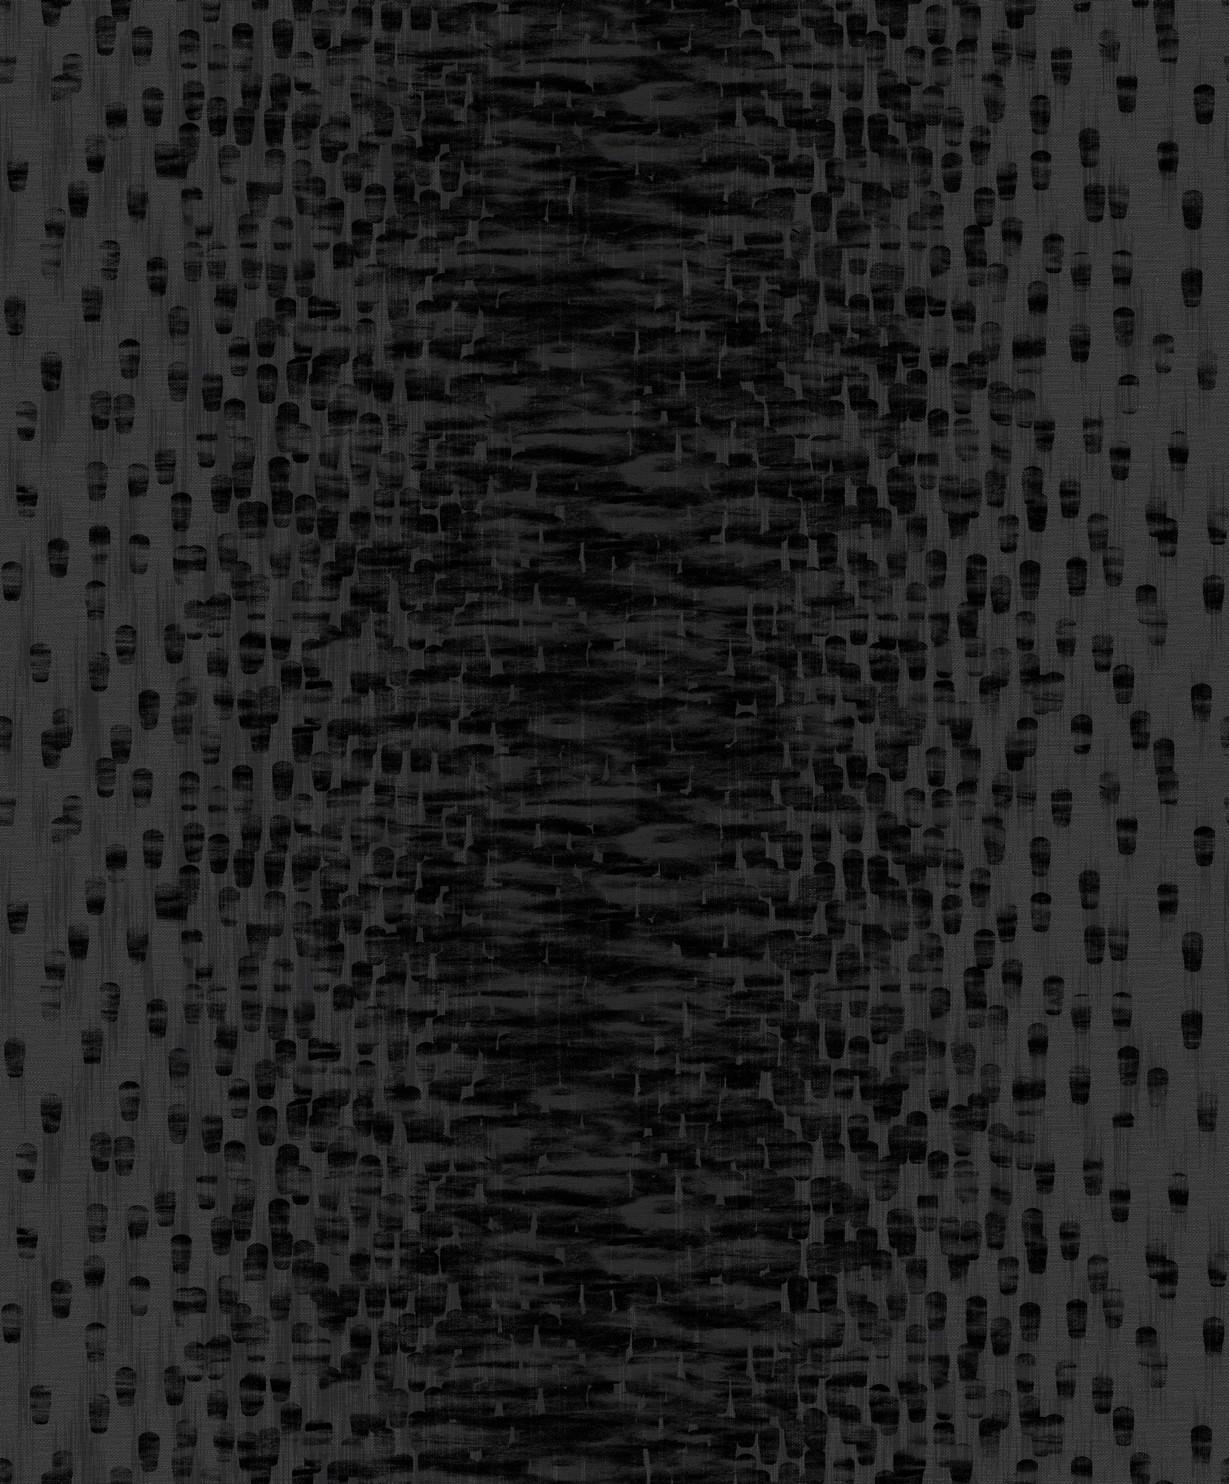 Tapety na zeď Vavex A10209 | 0,53 x 10,05 m (Vinylová tapeta - černá)